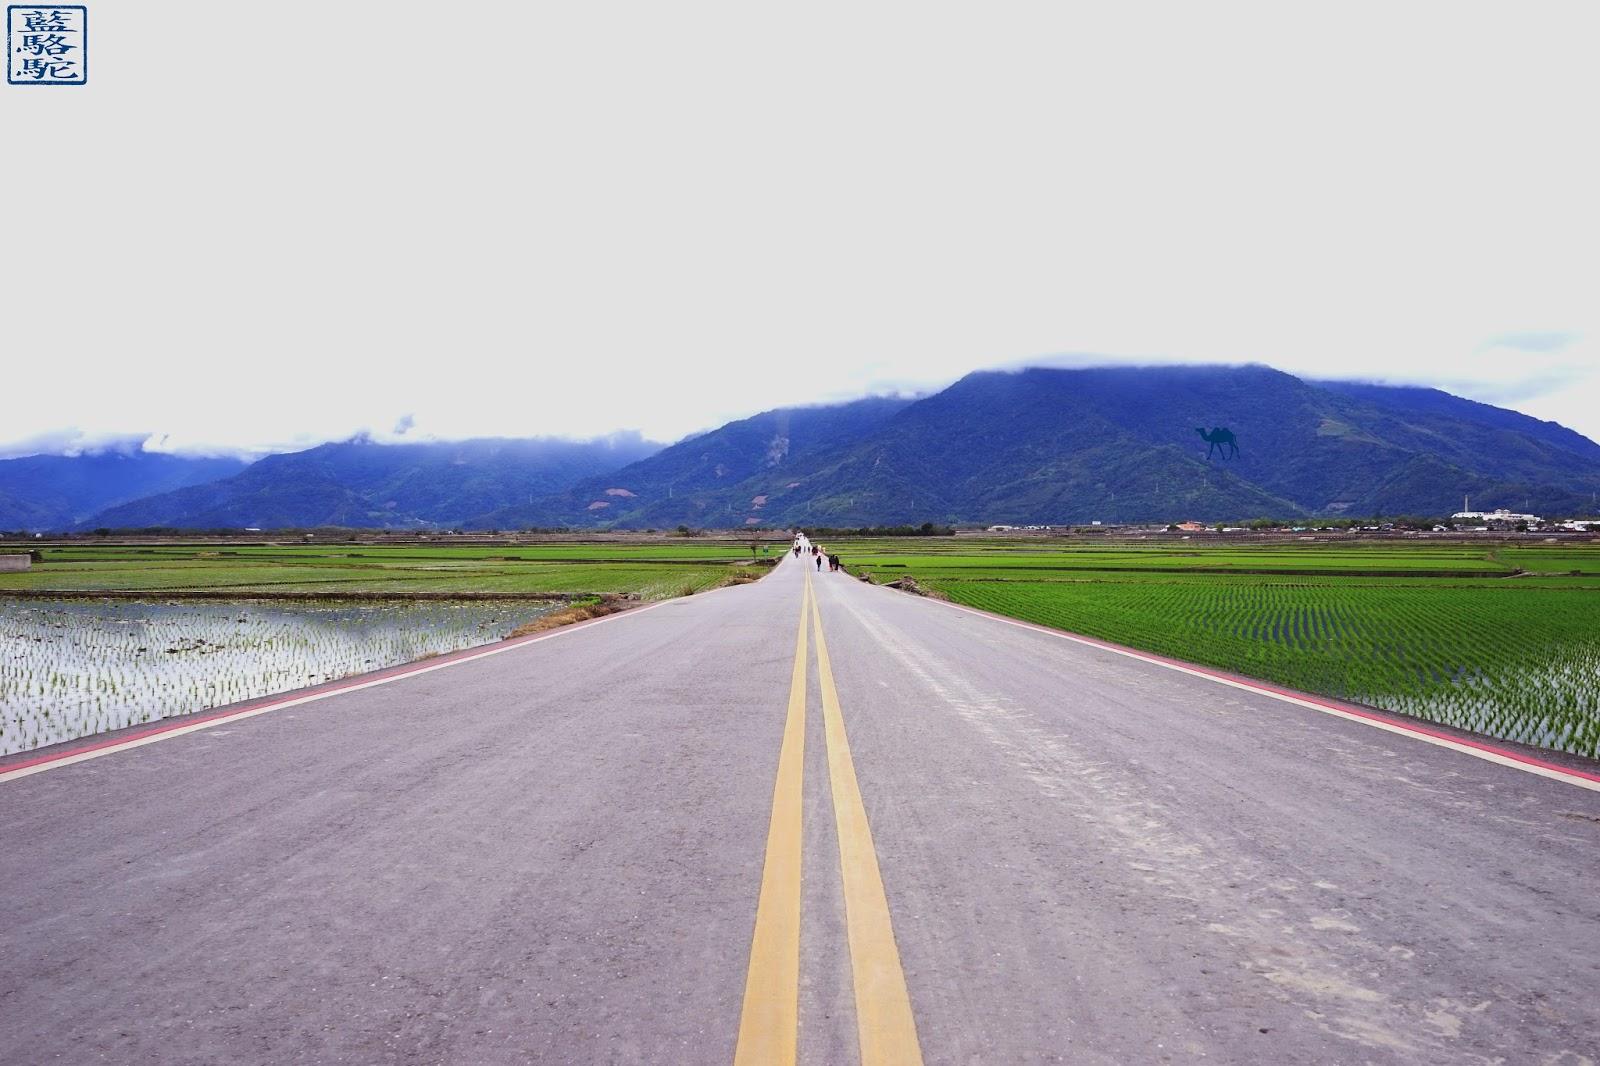 Le Chameau Bleu - Route à l'infini - Voyage à Taiwan - Promenade à vélo dans les rizières